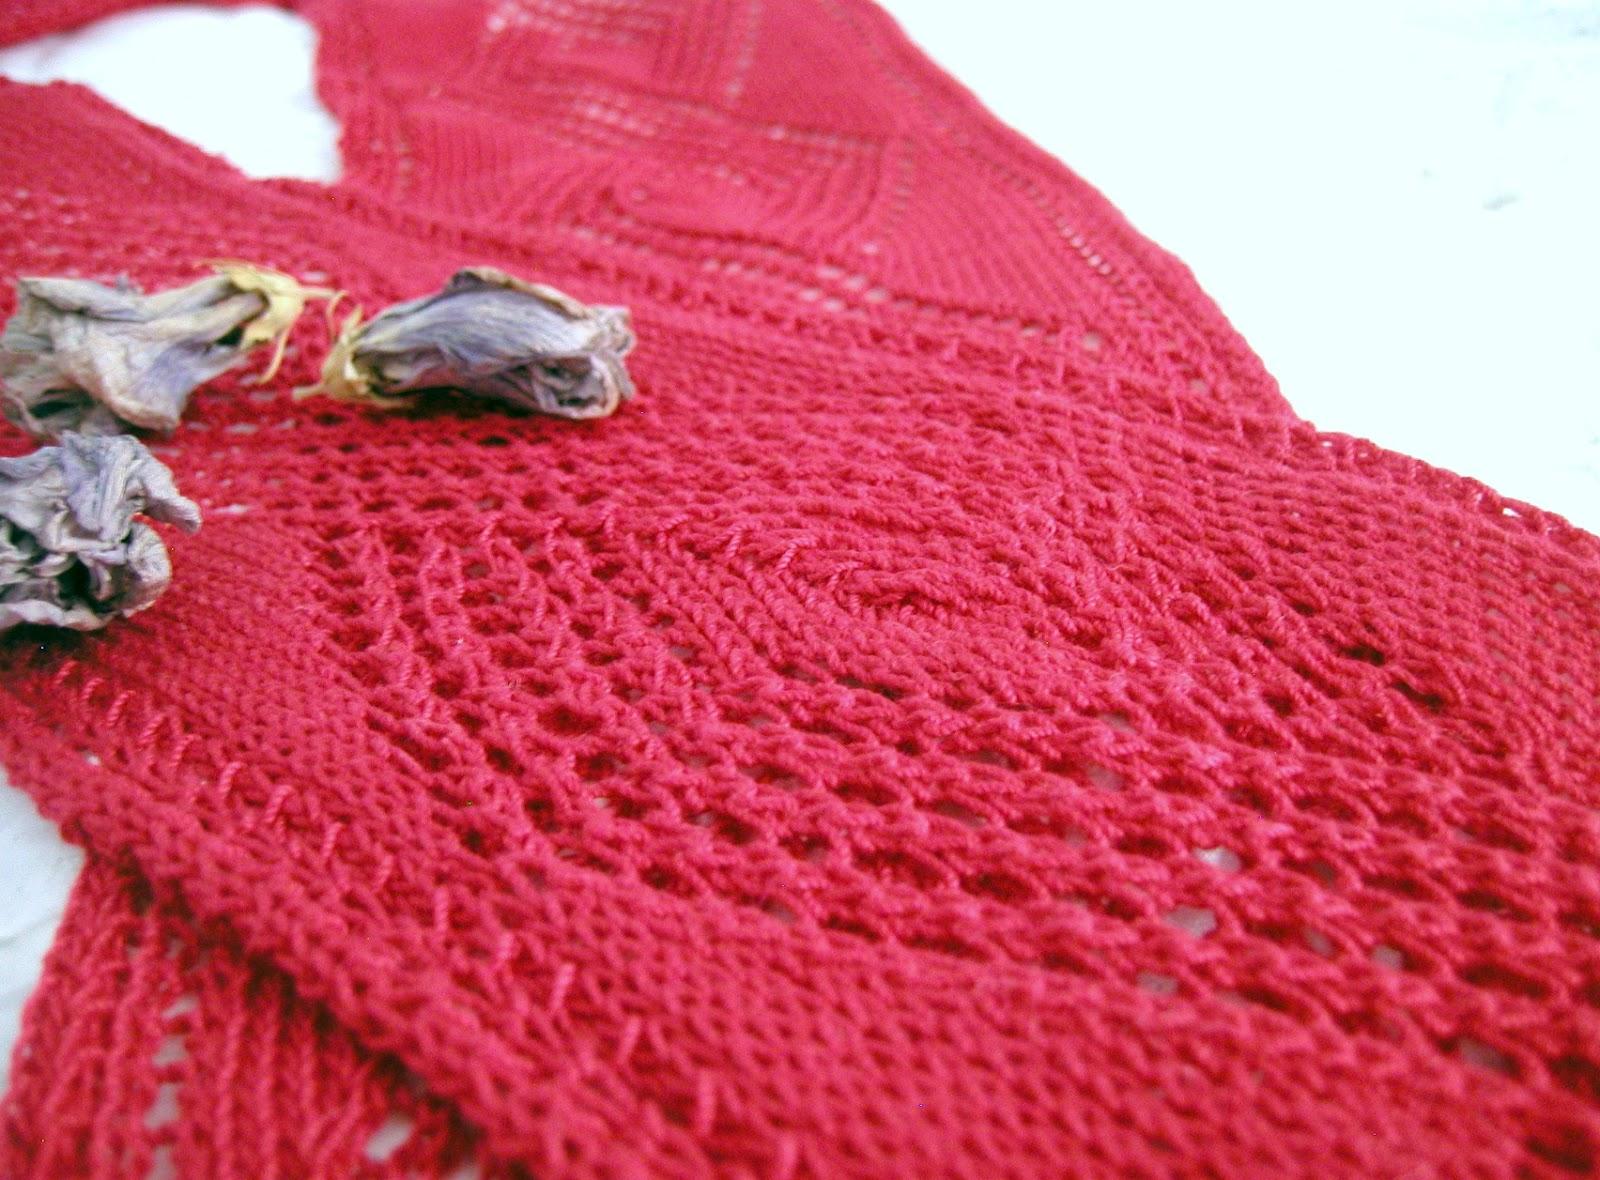 Diamond Pattern Knitting : lostsentiments: Openwork Diamond Scarf - Free Knitting Pattern